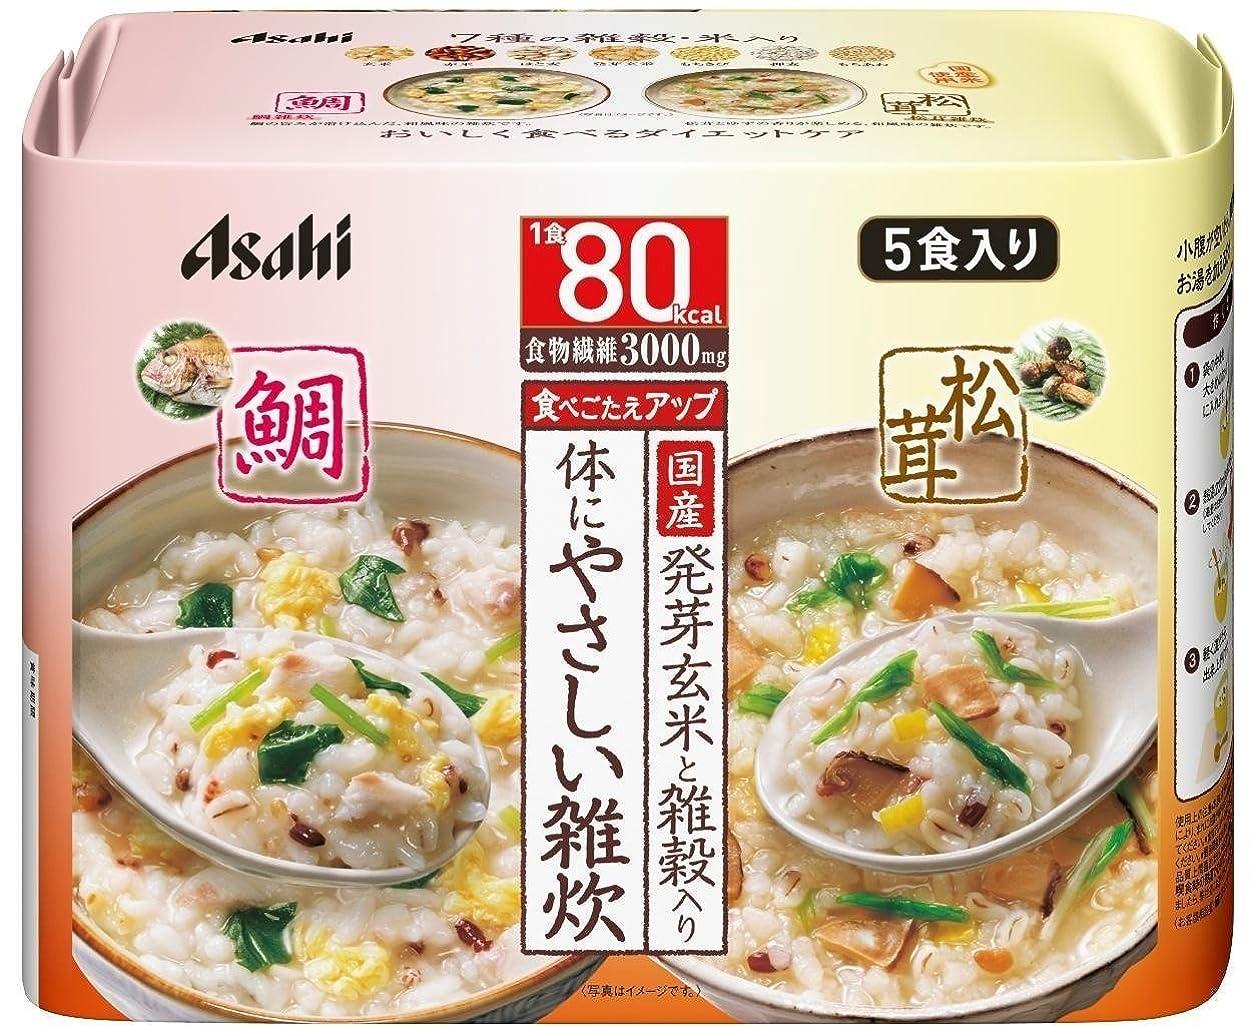 名前で根拠アサヒグループ食品 リセットボディ 体にやさしい鯛&松茸雑炊 5食